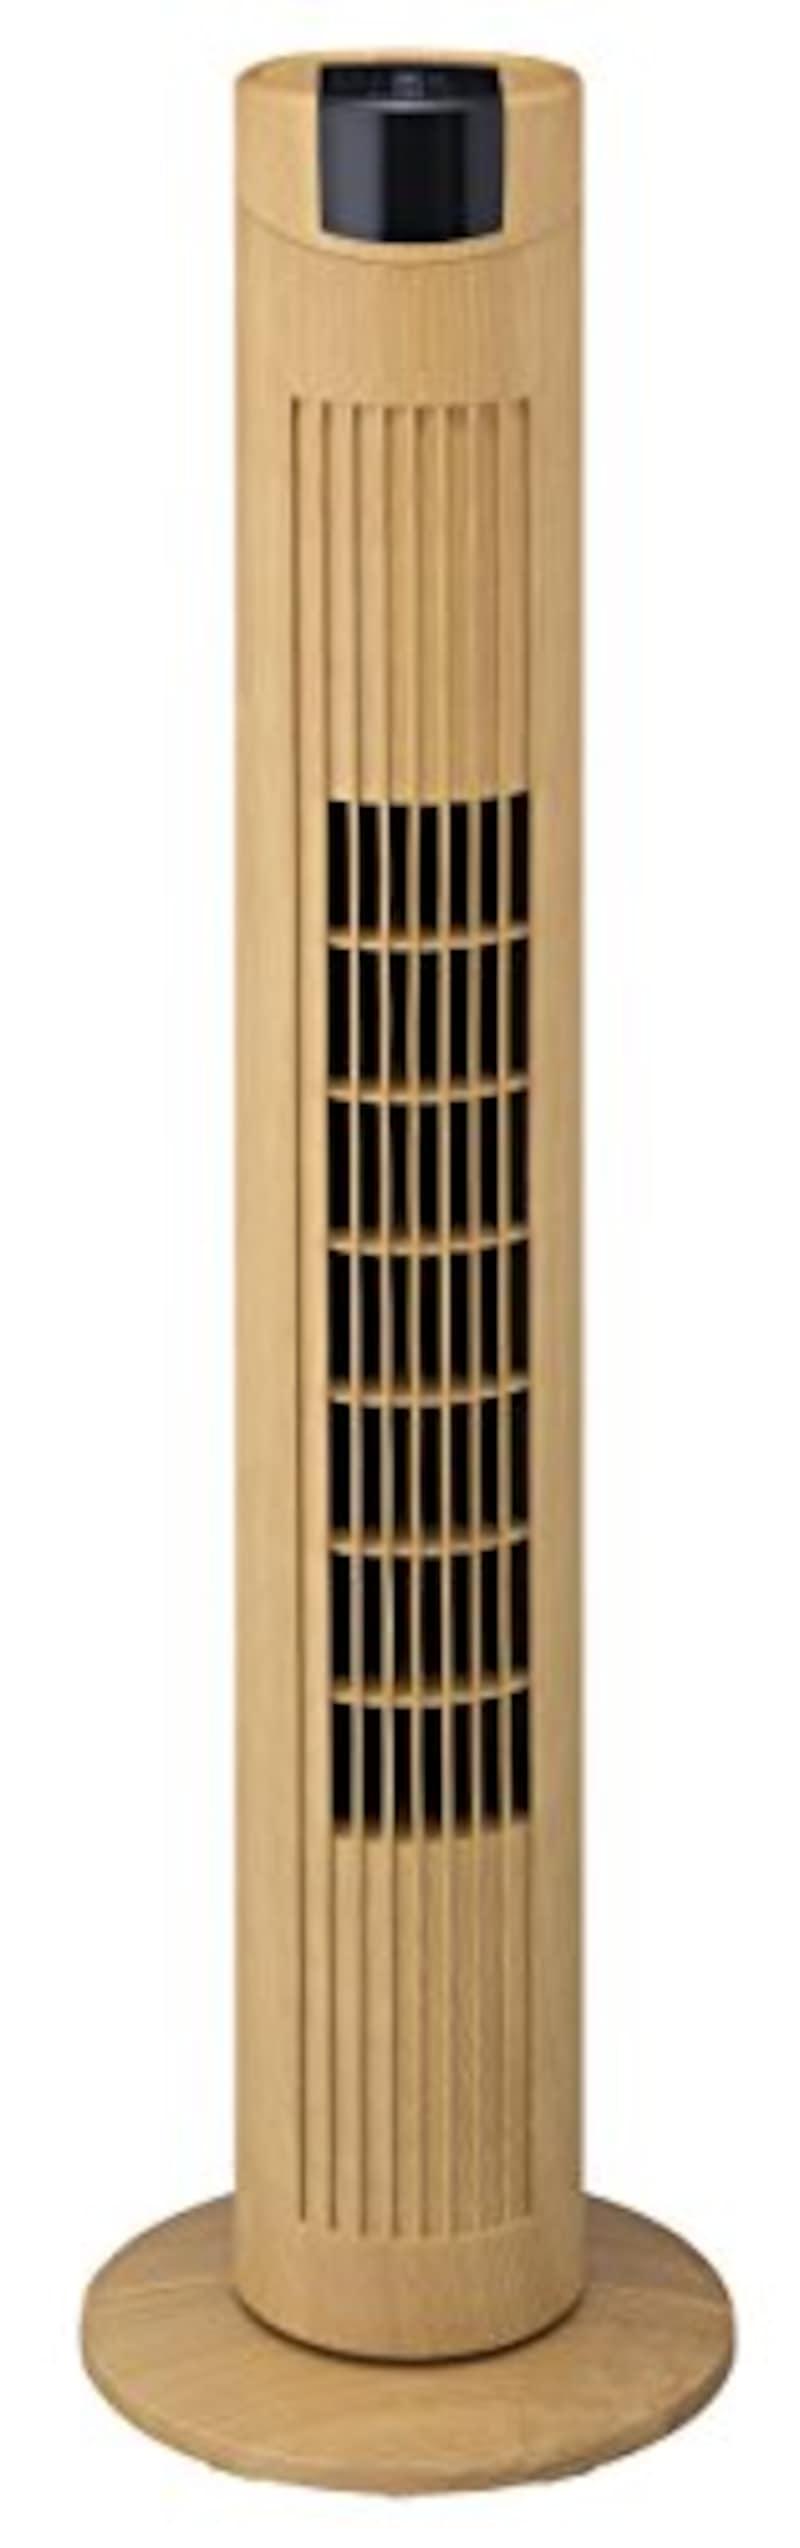 スリーアップ,マイコン式 スリムタワーファン,EFT-1604NB